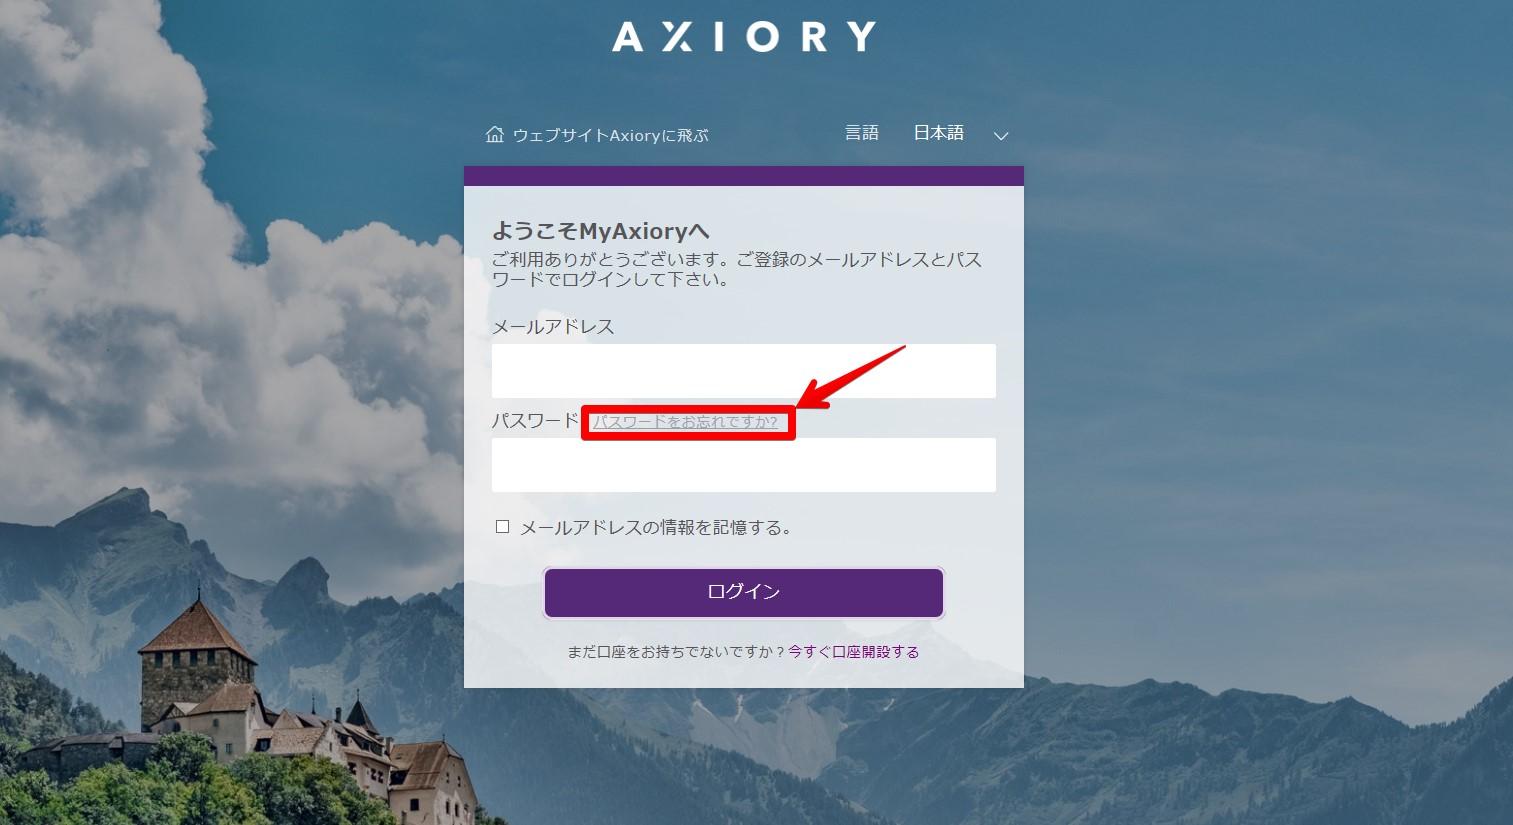 Axioryのログイン画面1